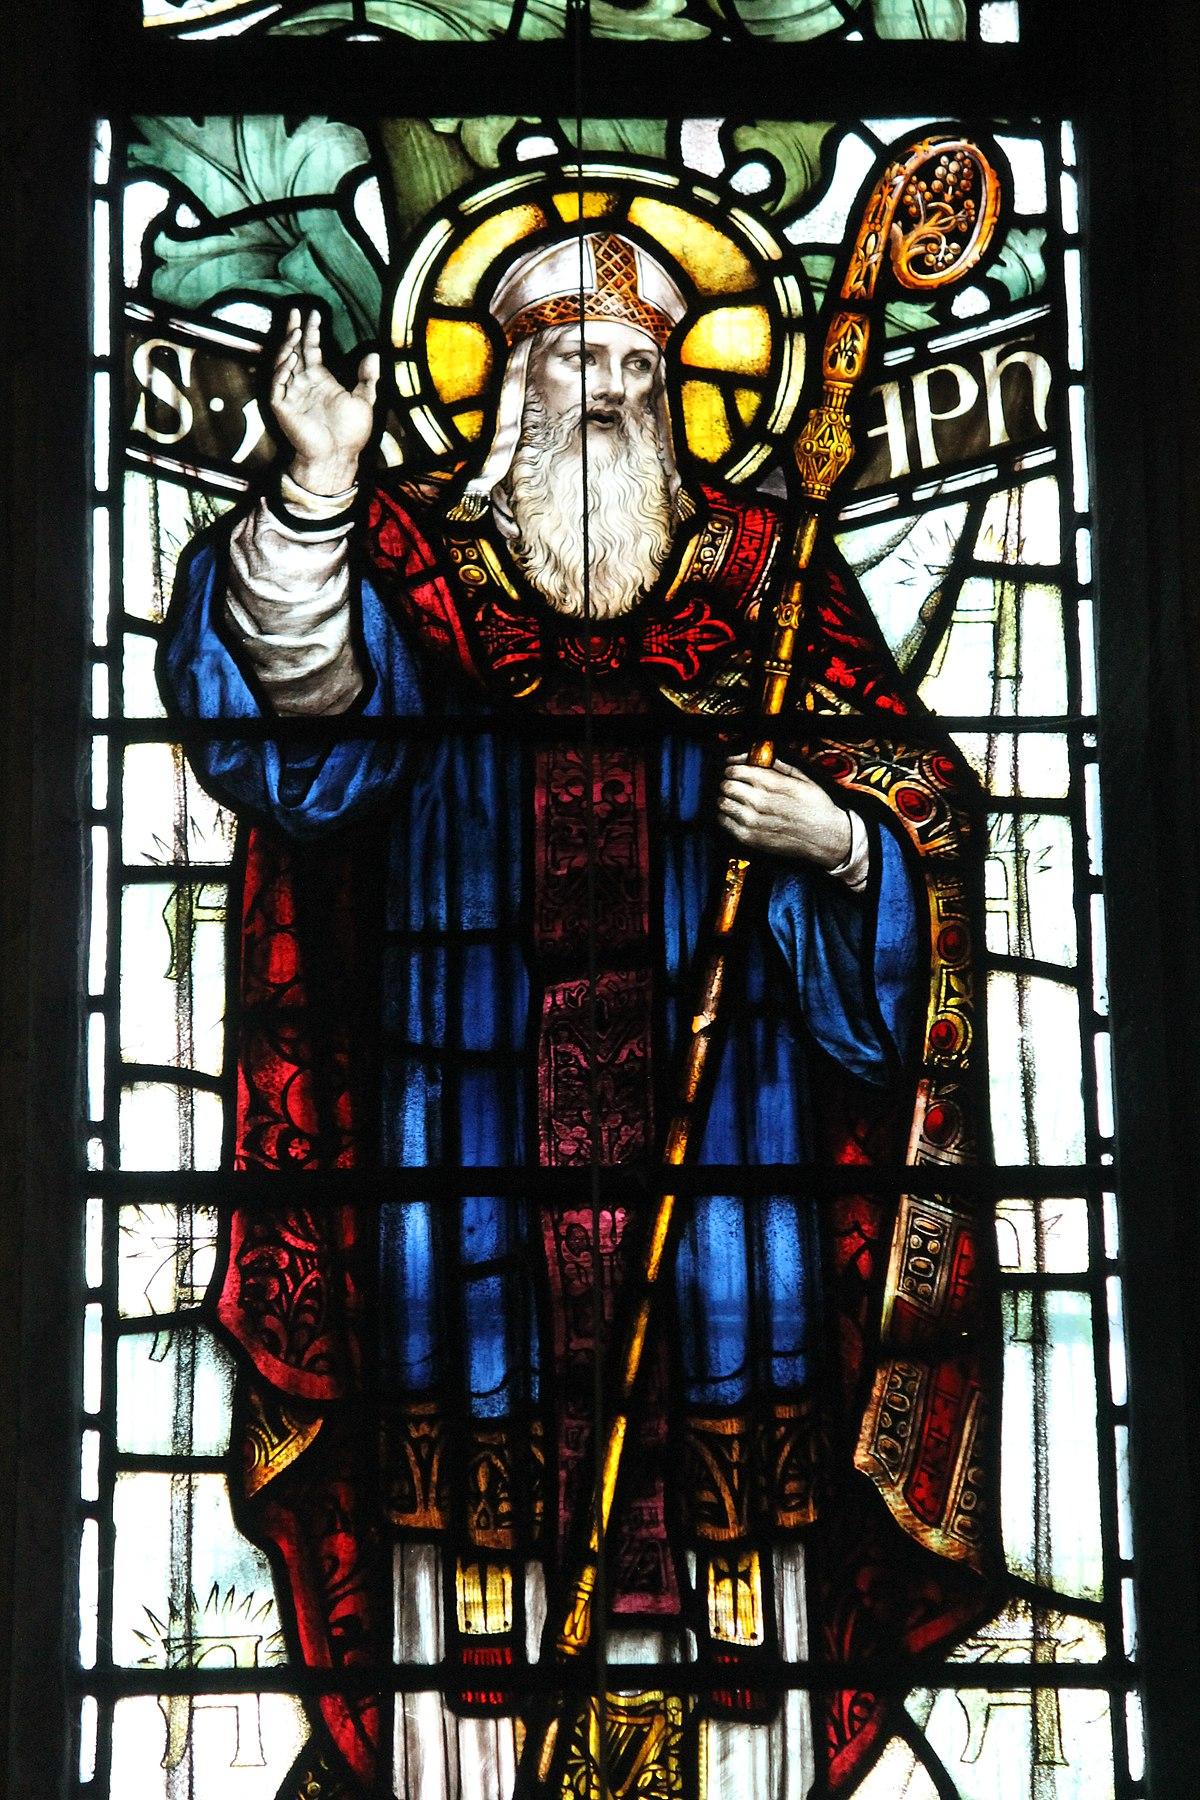 Saint Asaph - Wikipedia